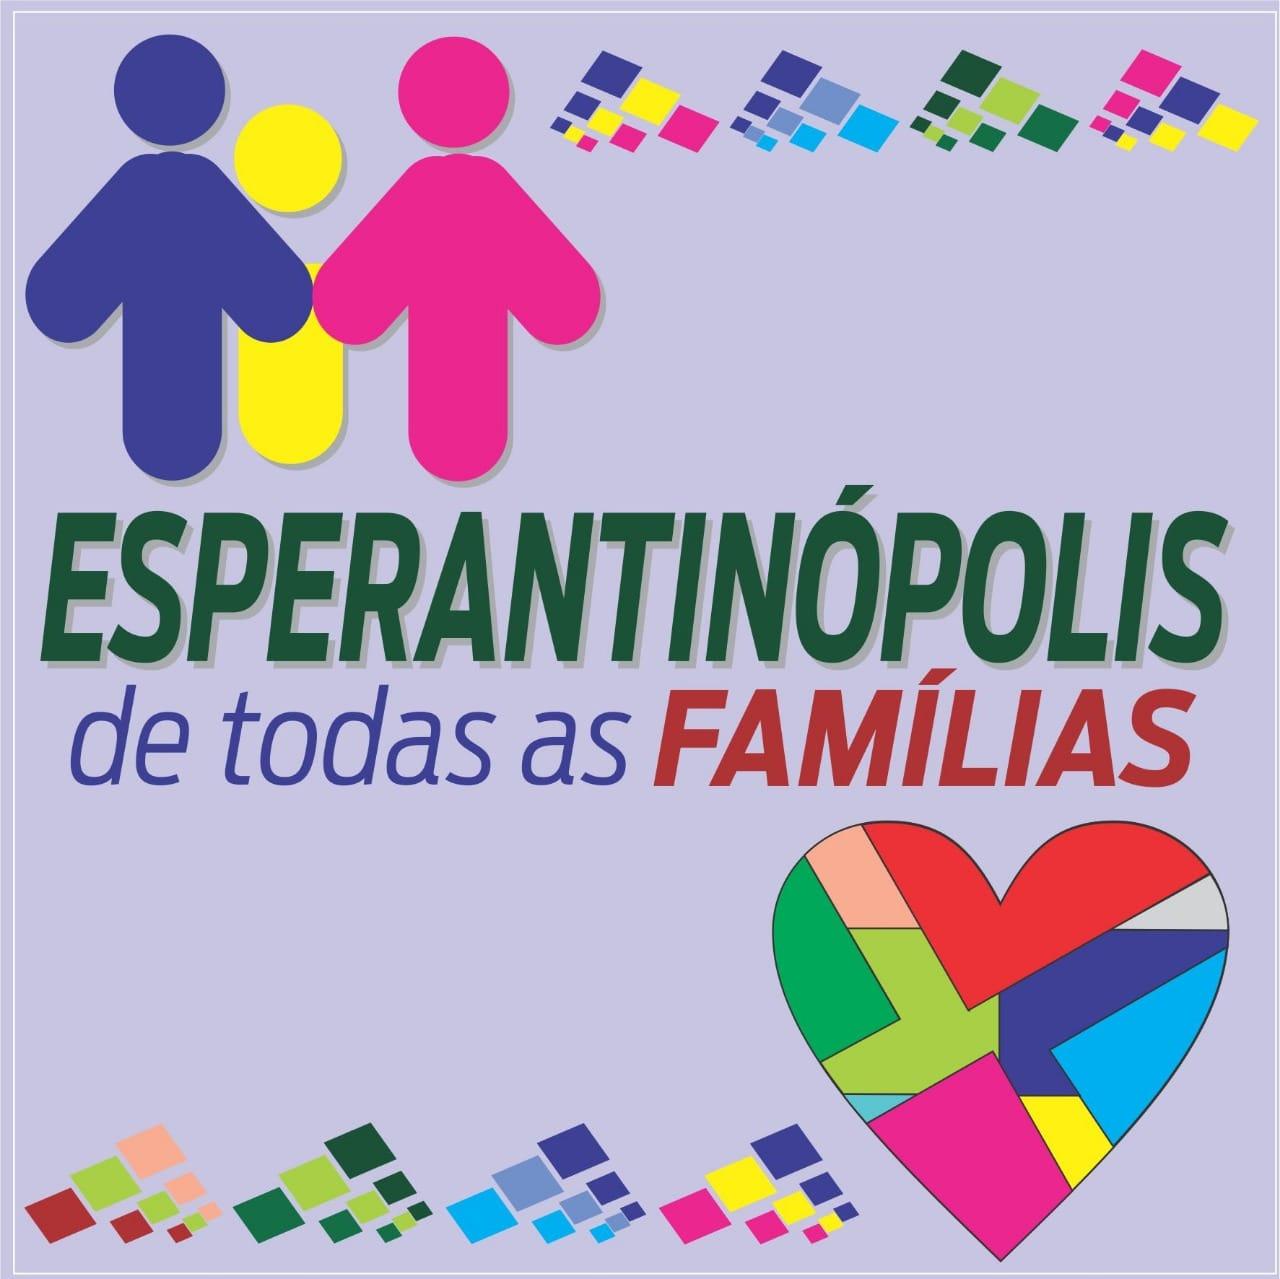 Esperantinópolis é de todas ás famílias